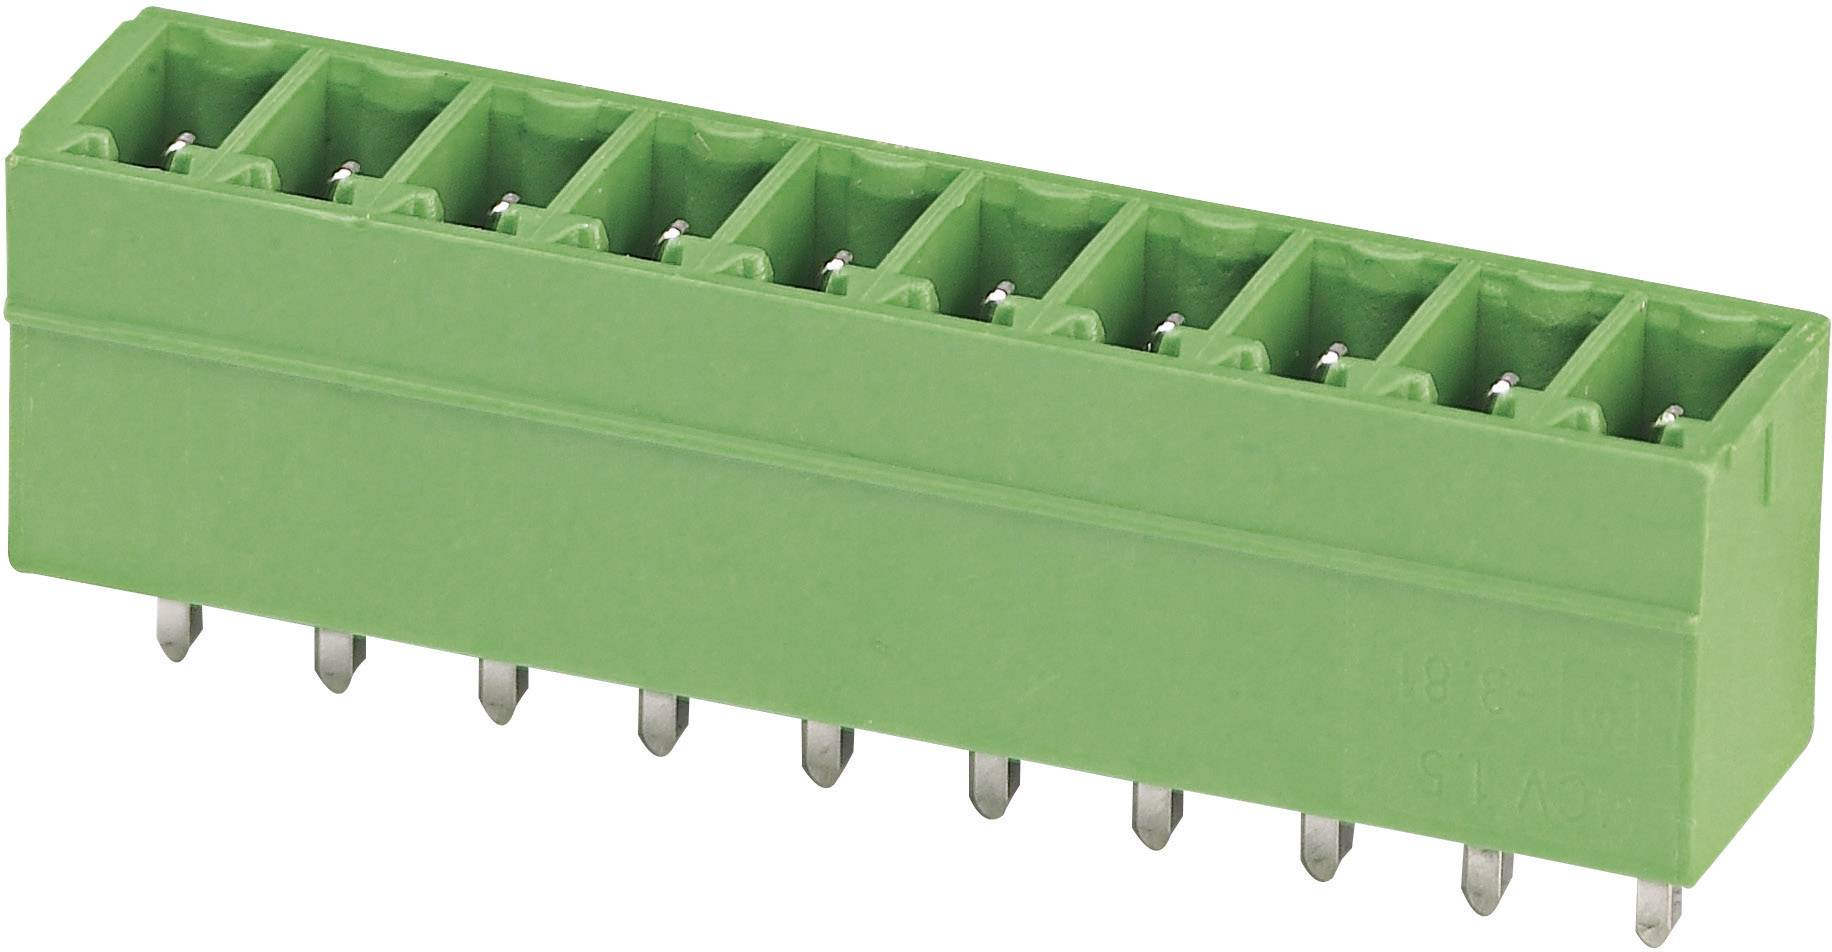 Svorkovnice 1řadá do DPS Phoenix Contact MCV 1,5/ 4-G-3,5 (1843622), 4pól., zelená